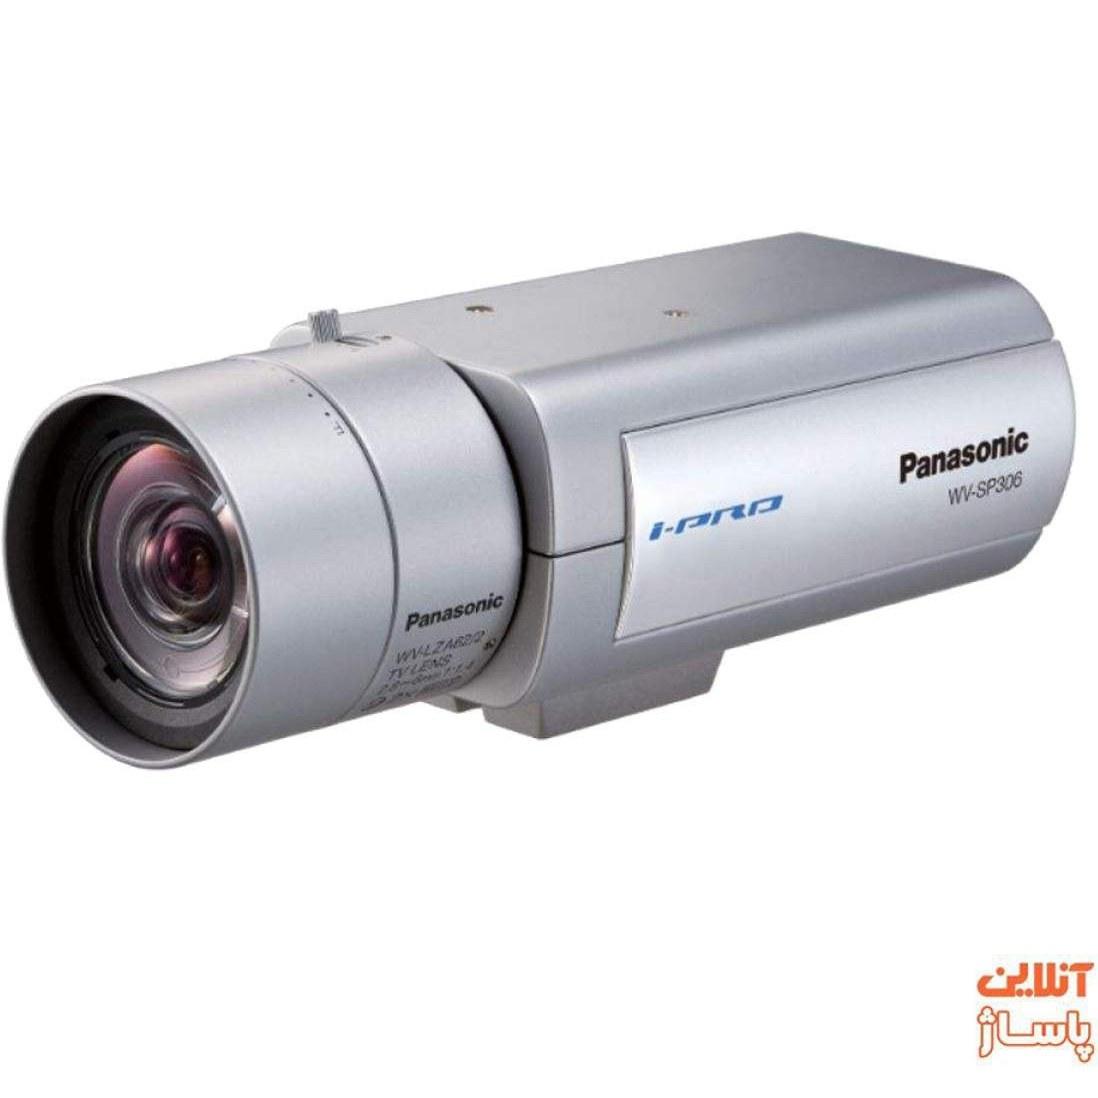 image دوربین مداربسته تحت شبکه پاناسونیک مدل WV-SP306E